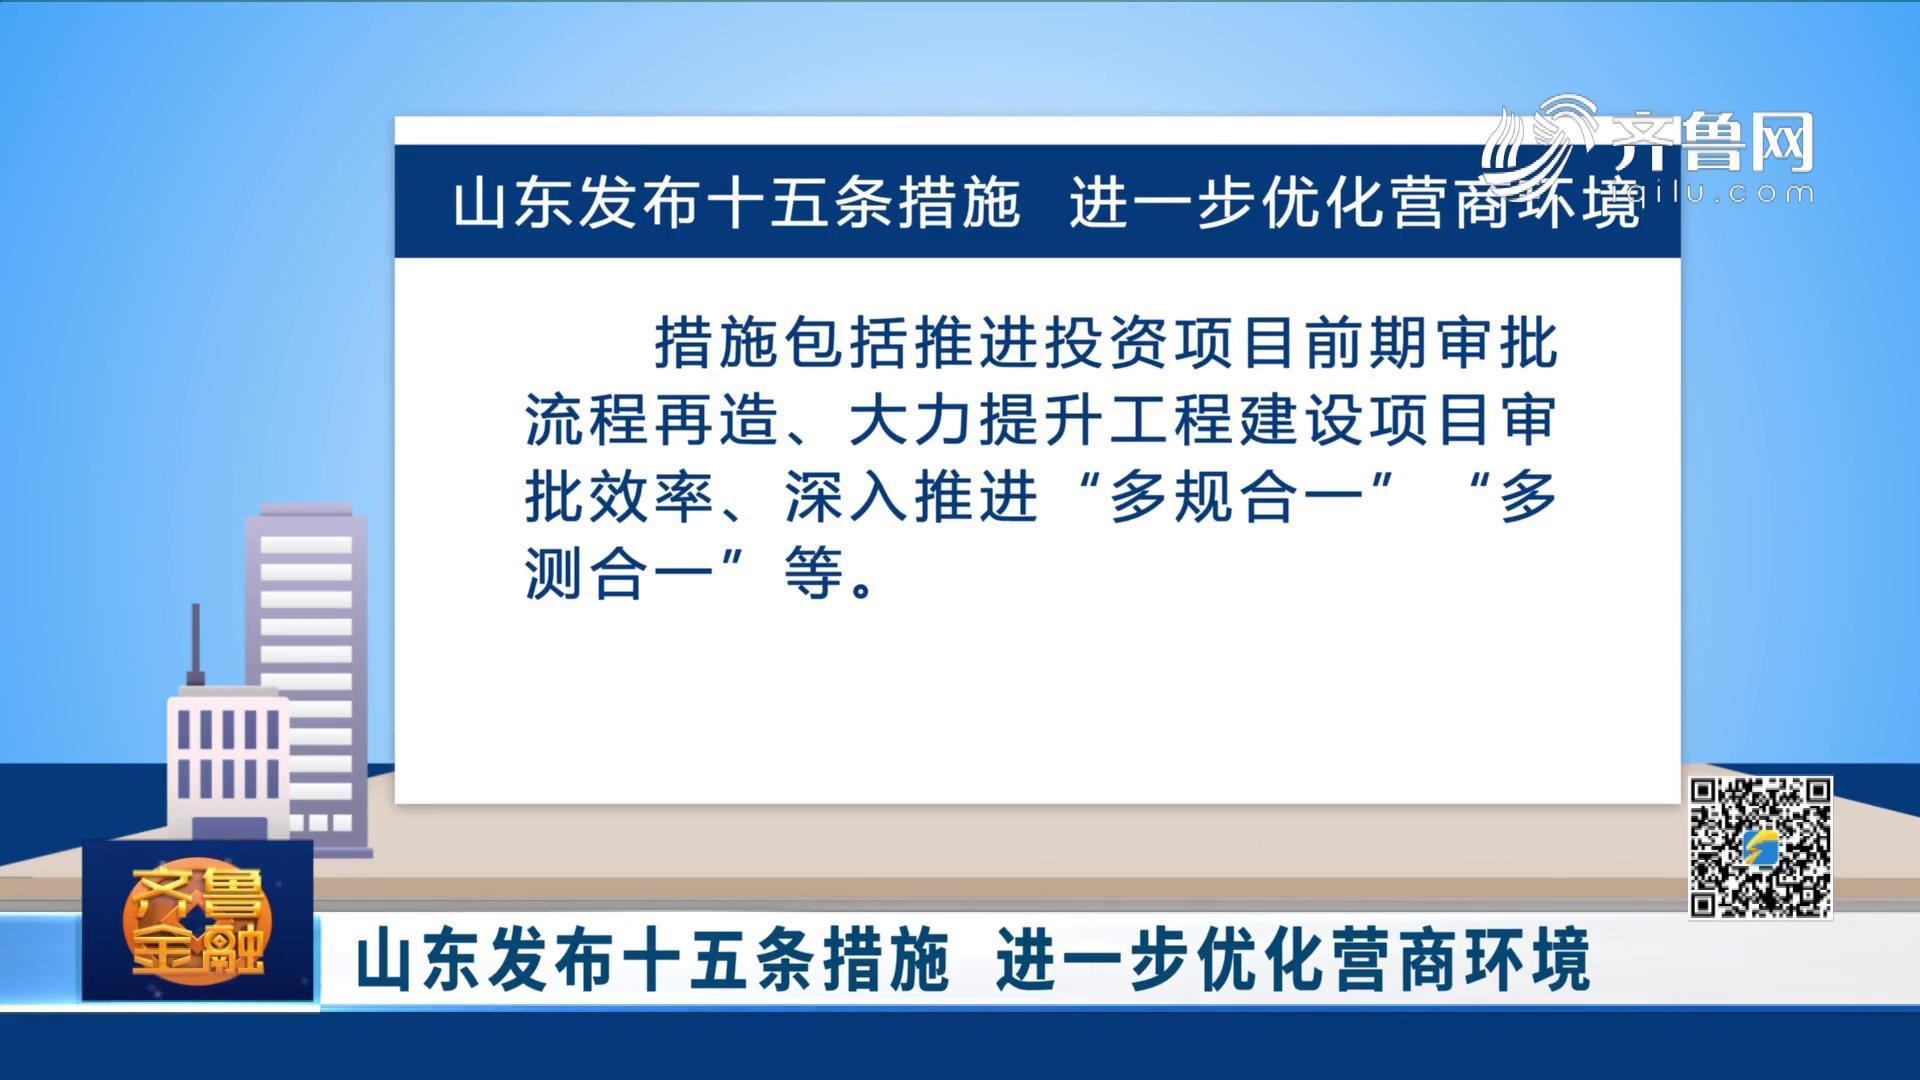 山东发布十五条办法 进一步优化营商环境《齐鲁金融》20201216播出